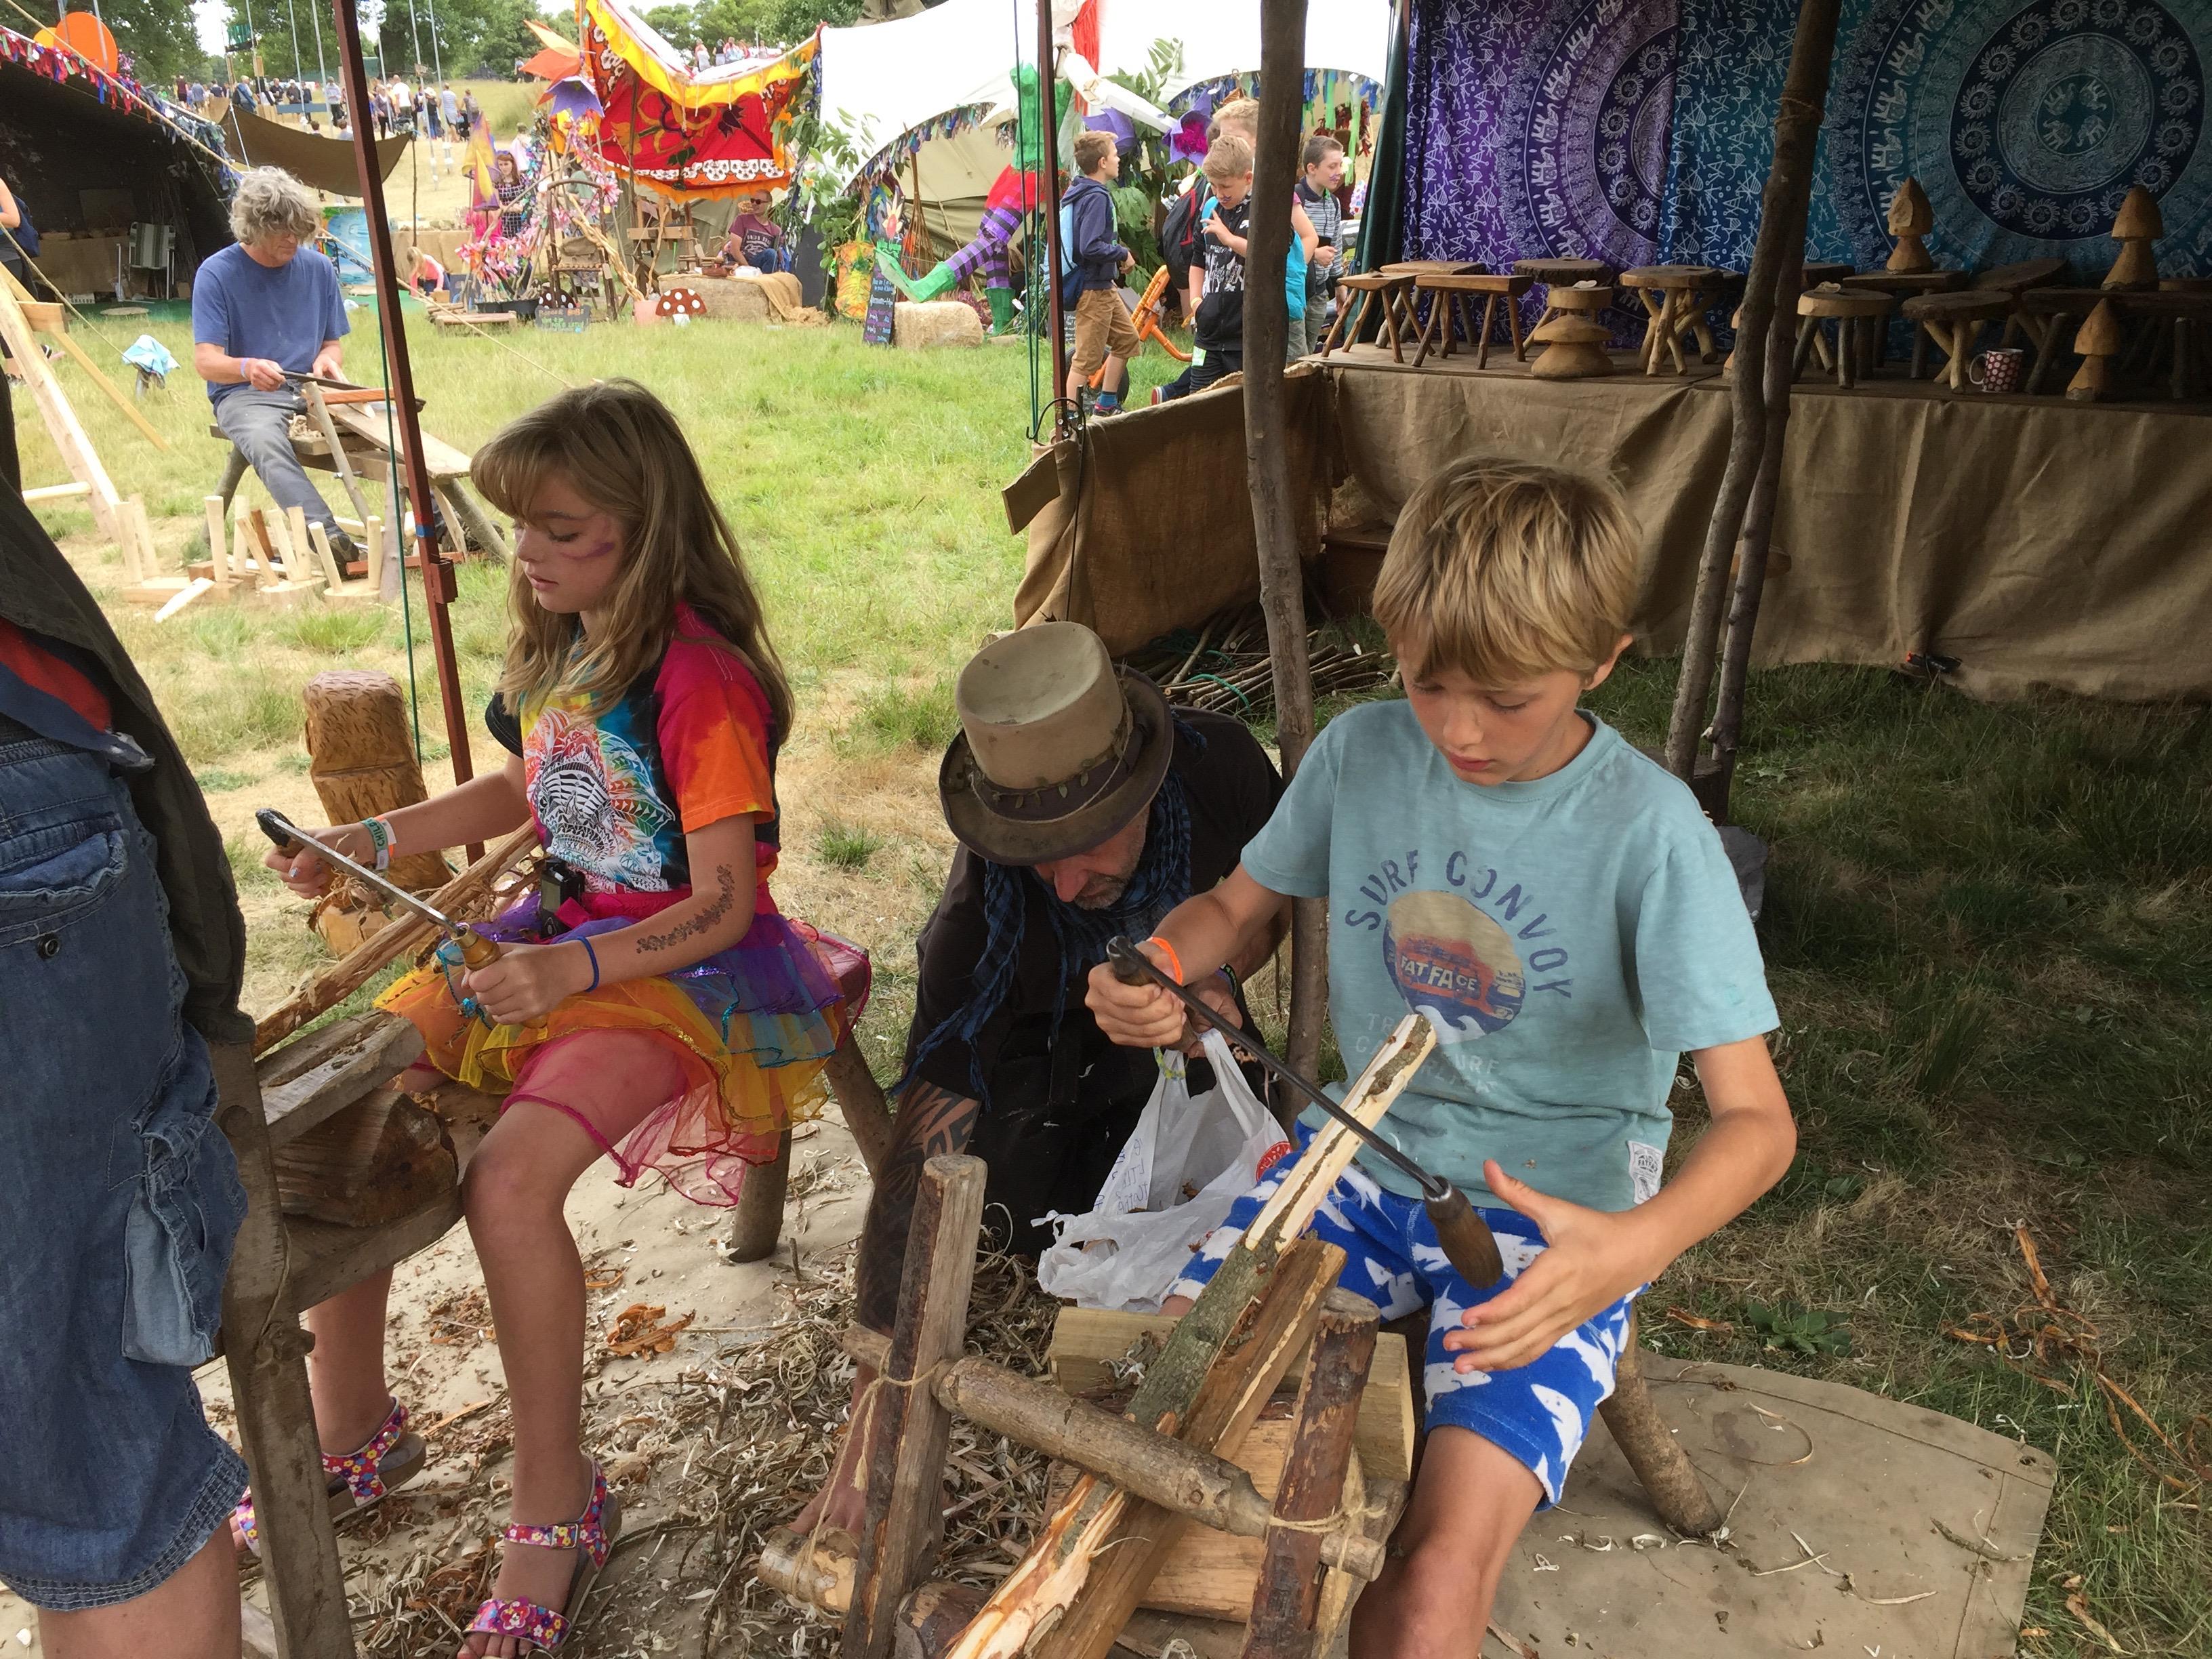 kids festival activities